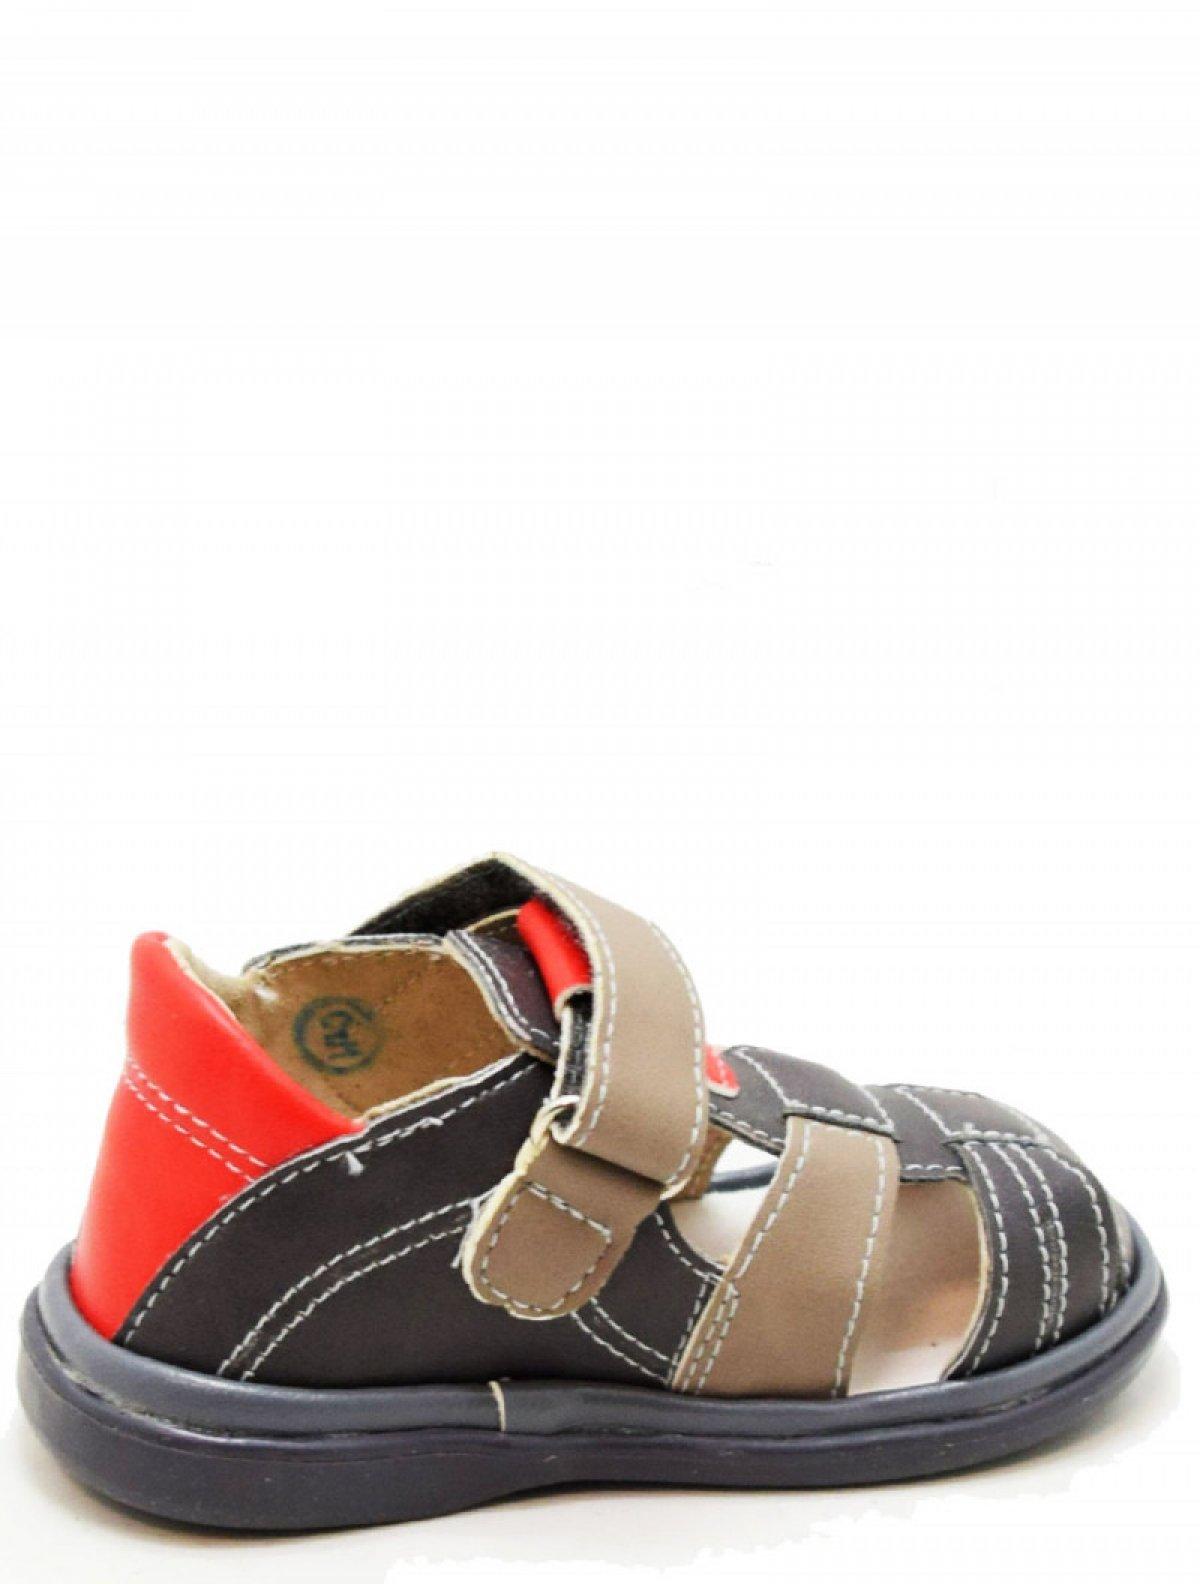 Топ Топ 31412/21210-1 сандали для мальчика